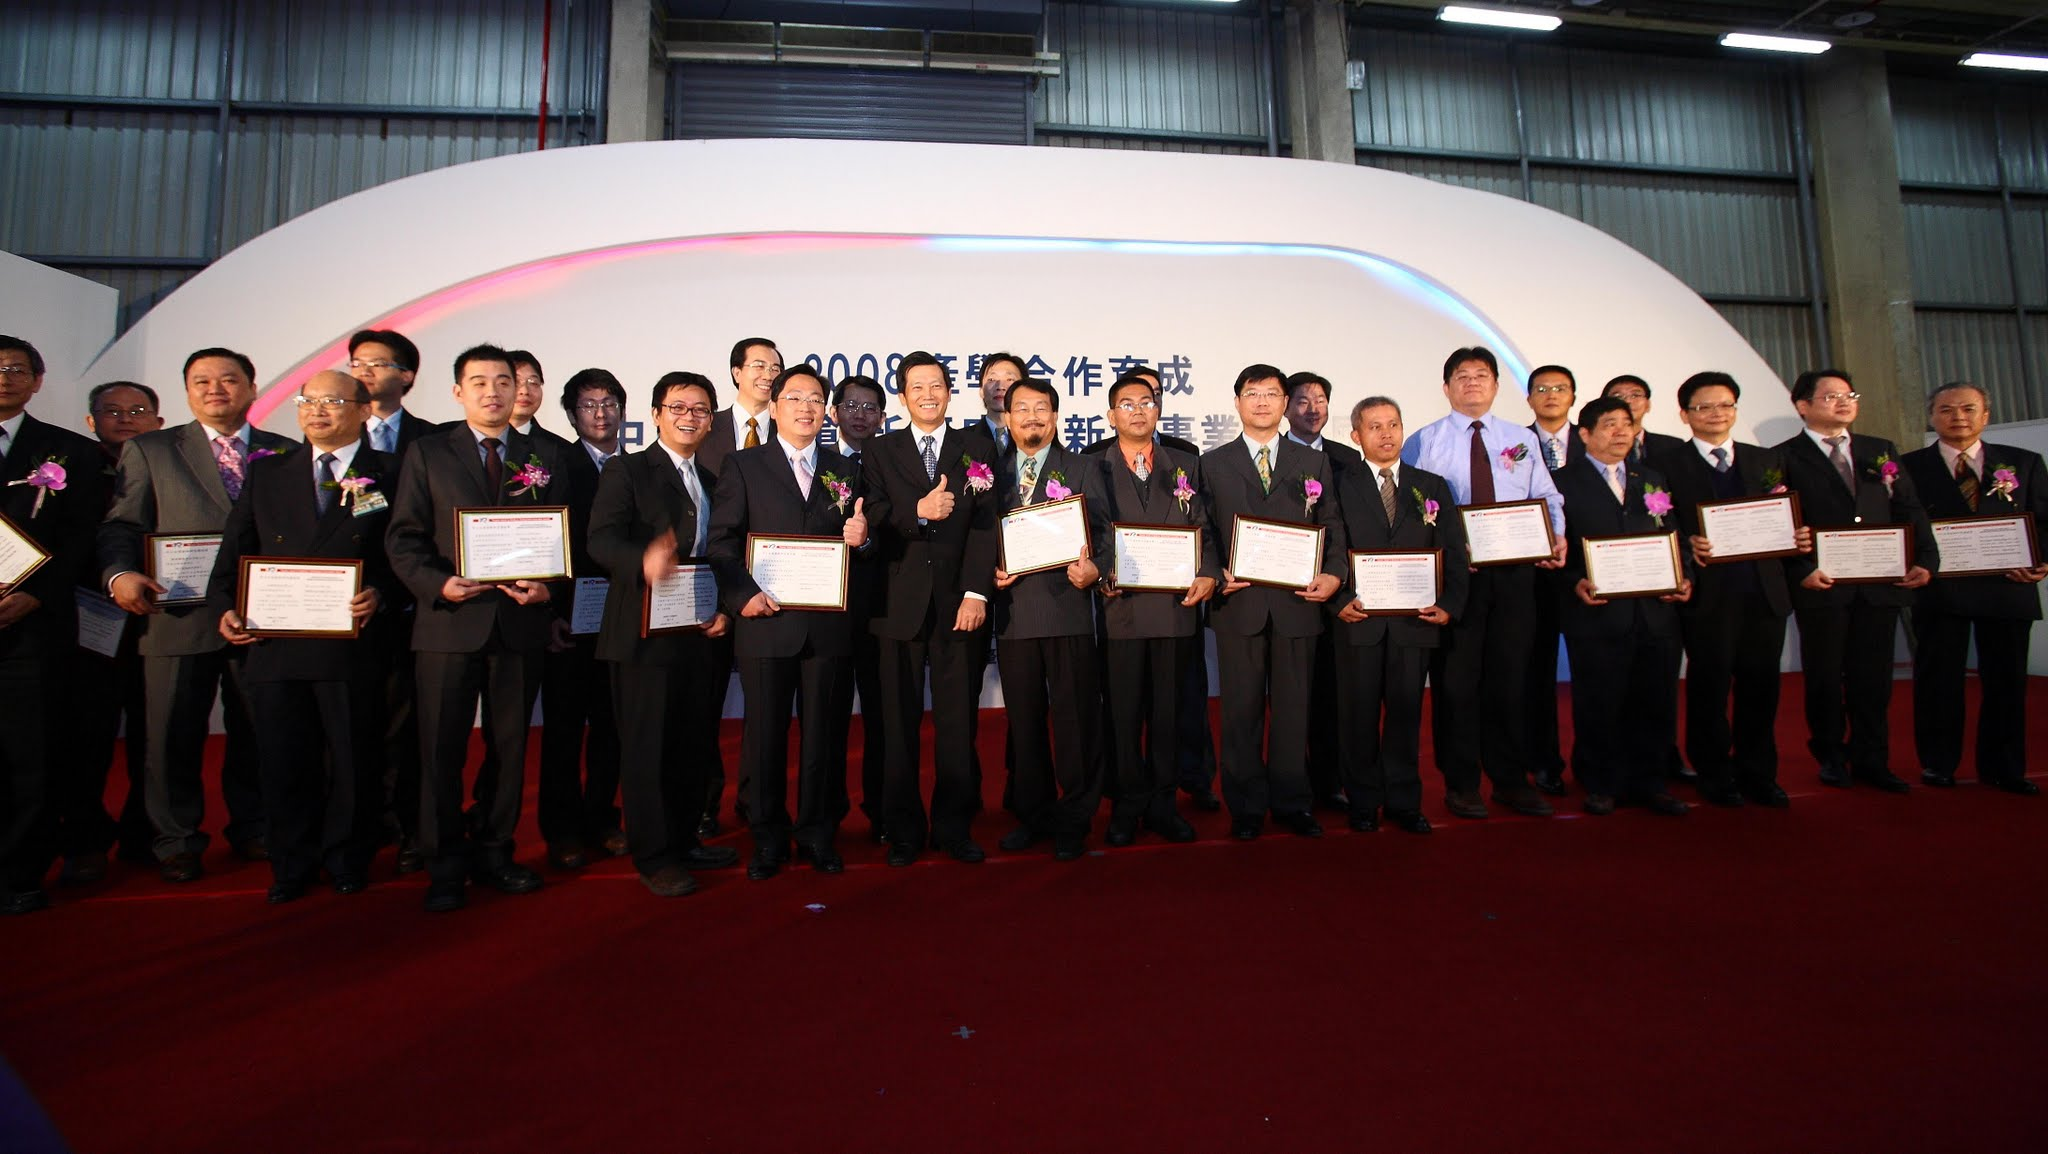 振躍經密獲頒第15屆中小企業創新研究獎